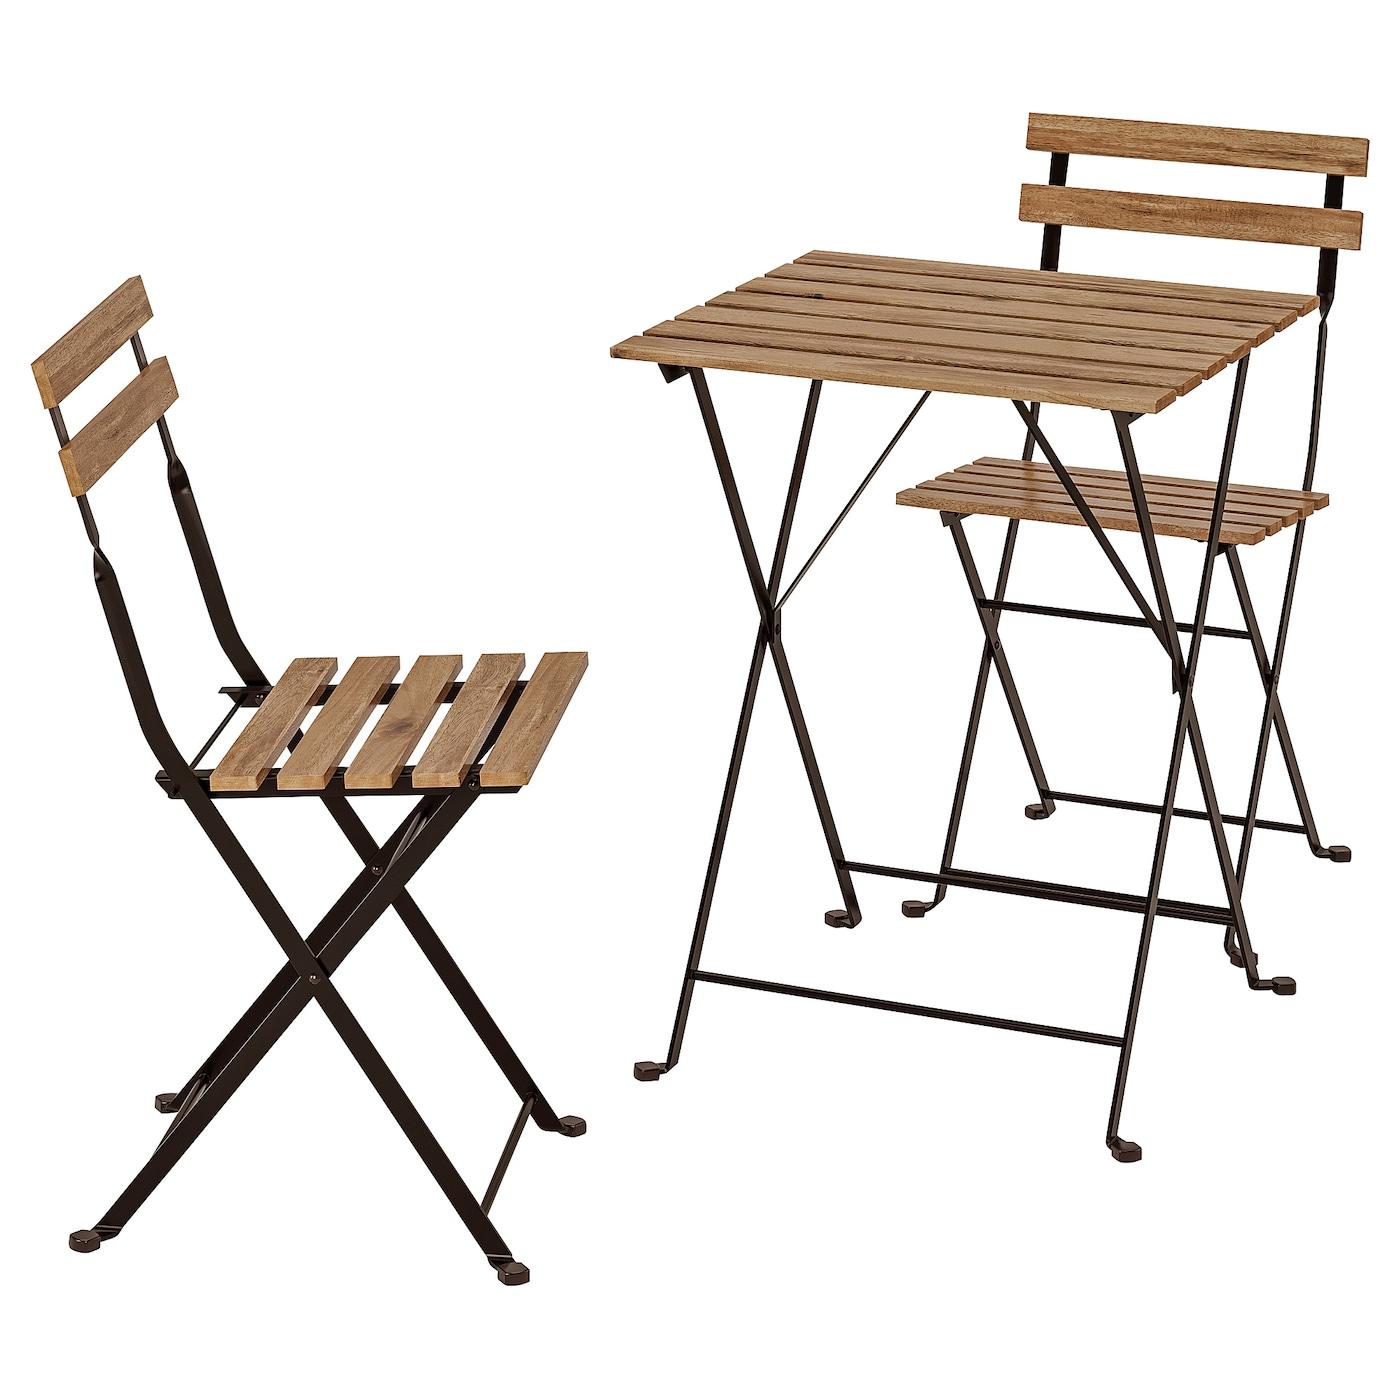 Full Size of Trn Tisch 2 Sthle Auen Schwarz Akazie Küche Ikea Kosten Betten Bei Sofa Mit Schlaffunktion 160x200 Miniküche Modulküche Kaufen Wohnzimmer Ikea Gartentisch